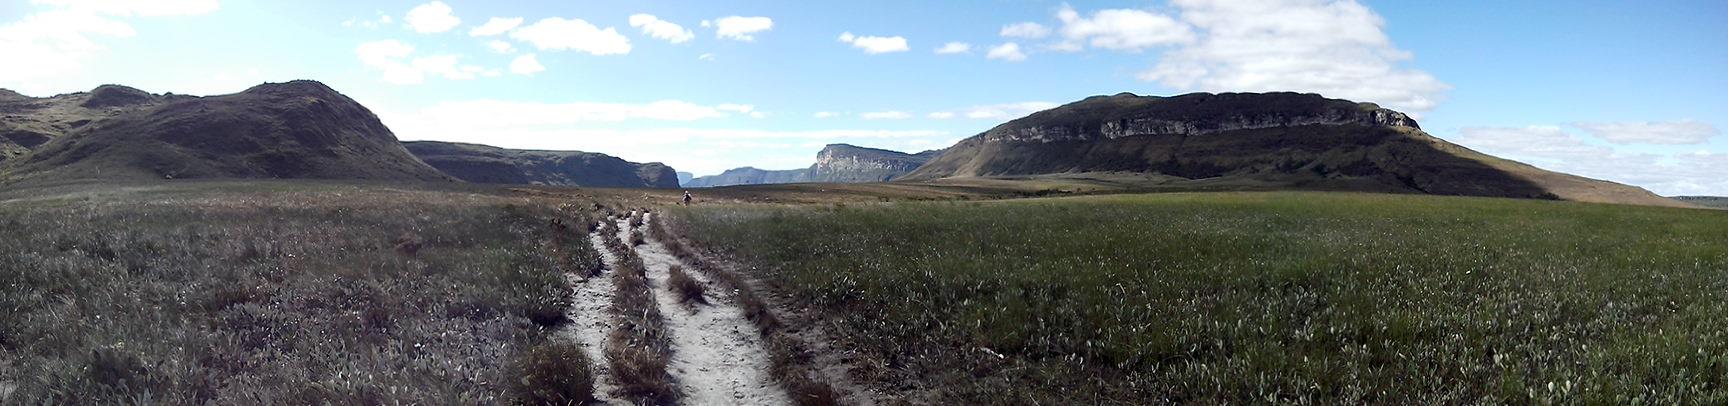 Gerais dos Vieiras, Vale do Pati